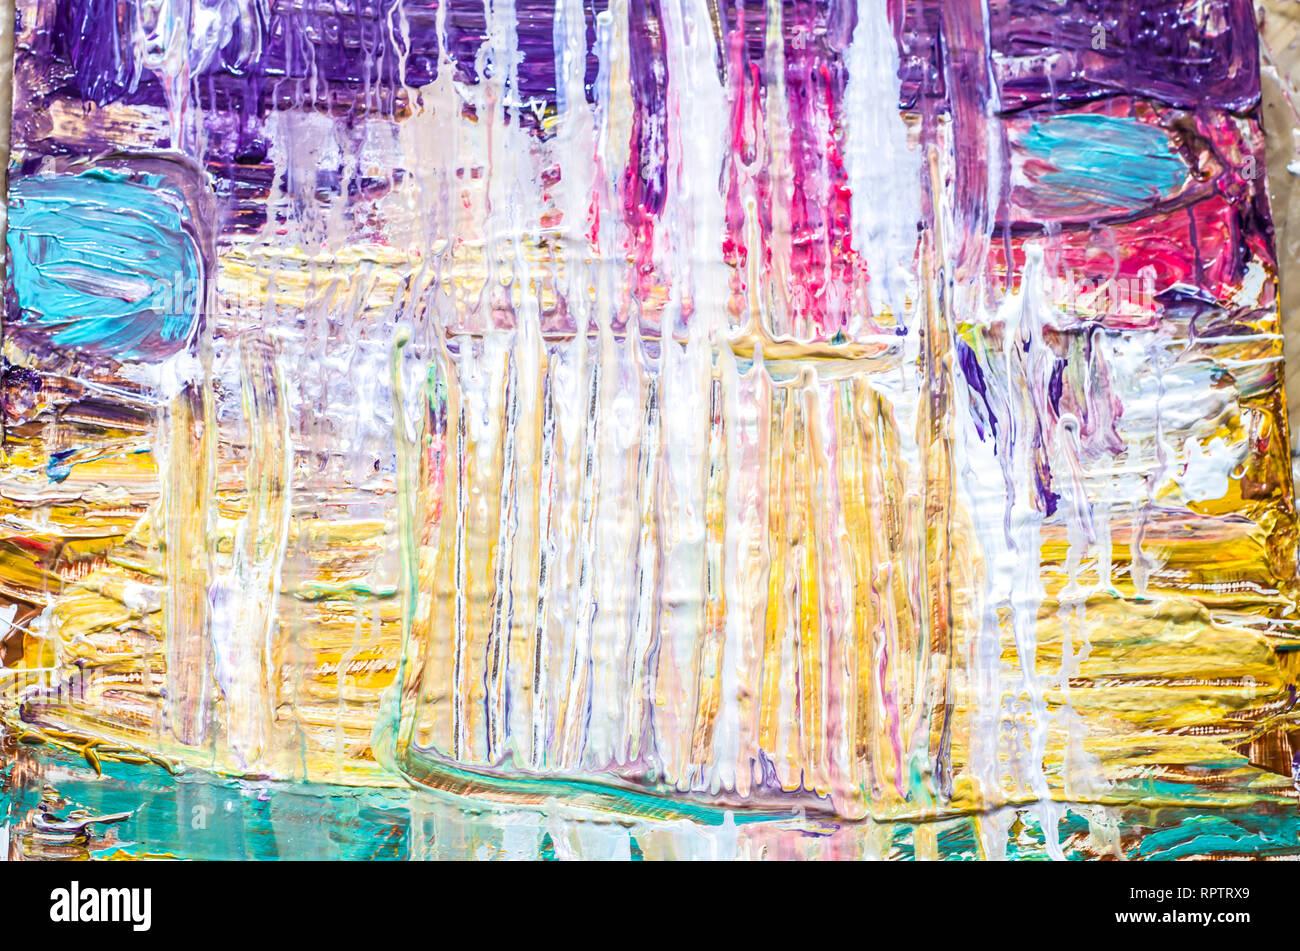 Hand Acryl Malerei Gezeichnet Abstrakte Kunst Hintergrund Acrylbild Auf Leinwand Farbe Textur Fragment Der Kunstwerke Pinselstriche Der Farbe Stockfotografie Alamy